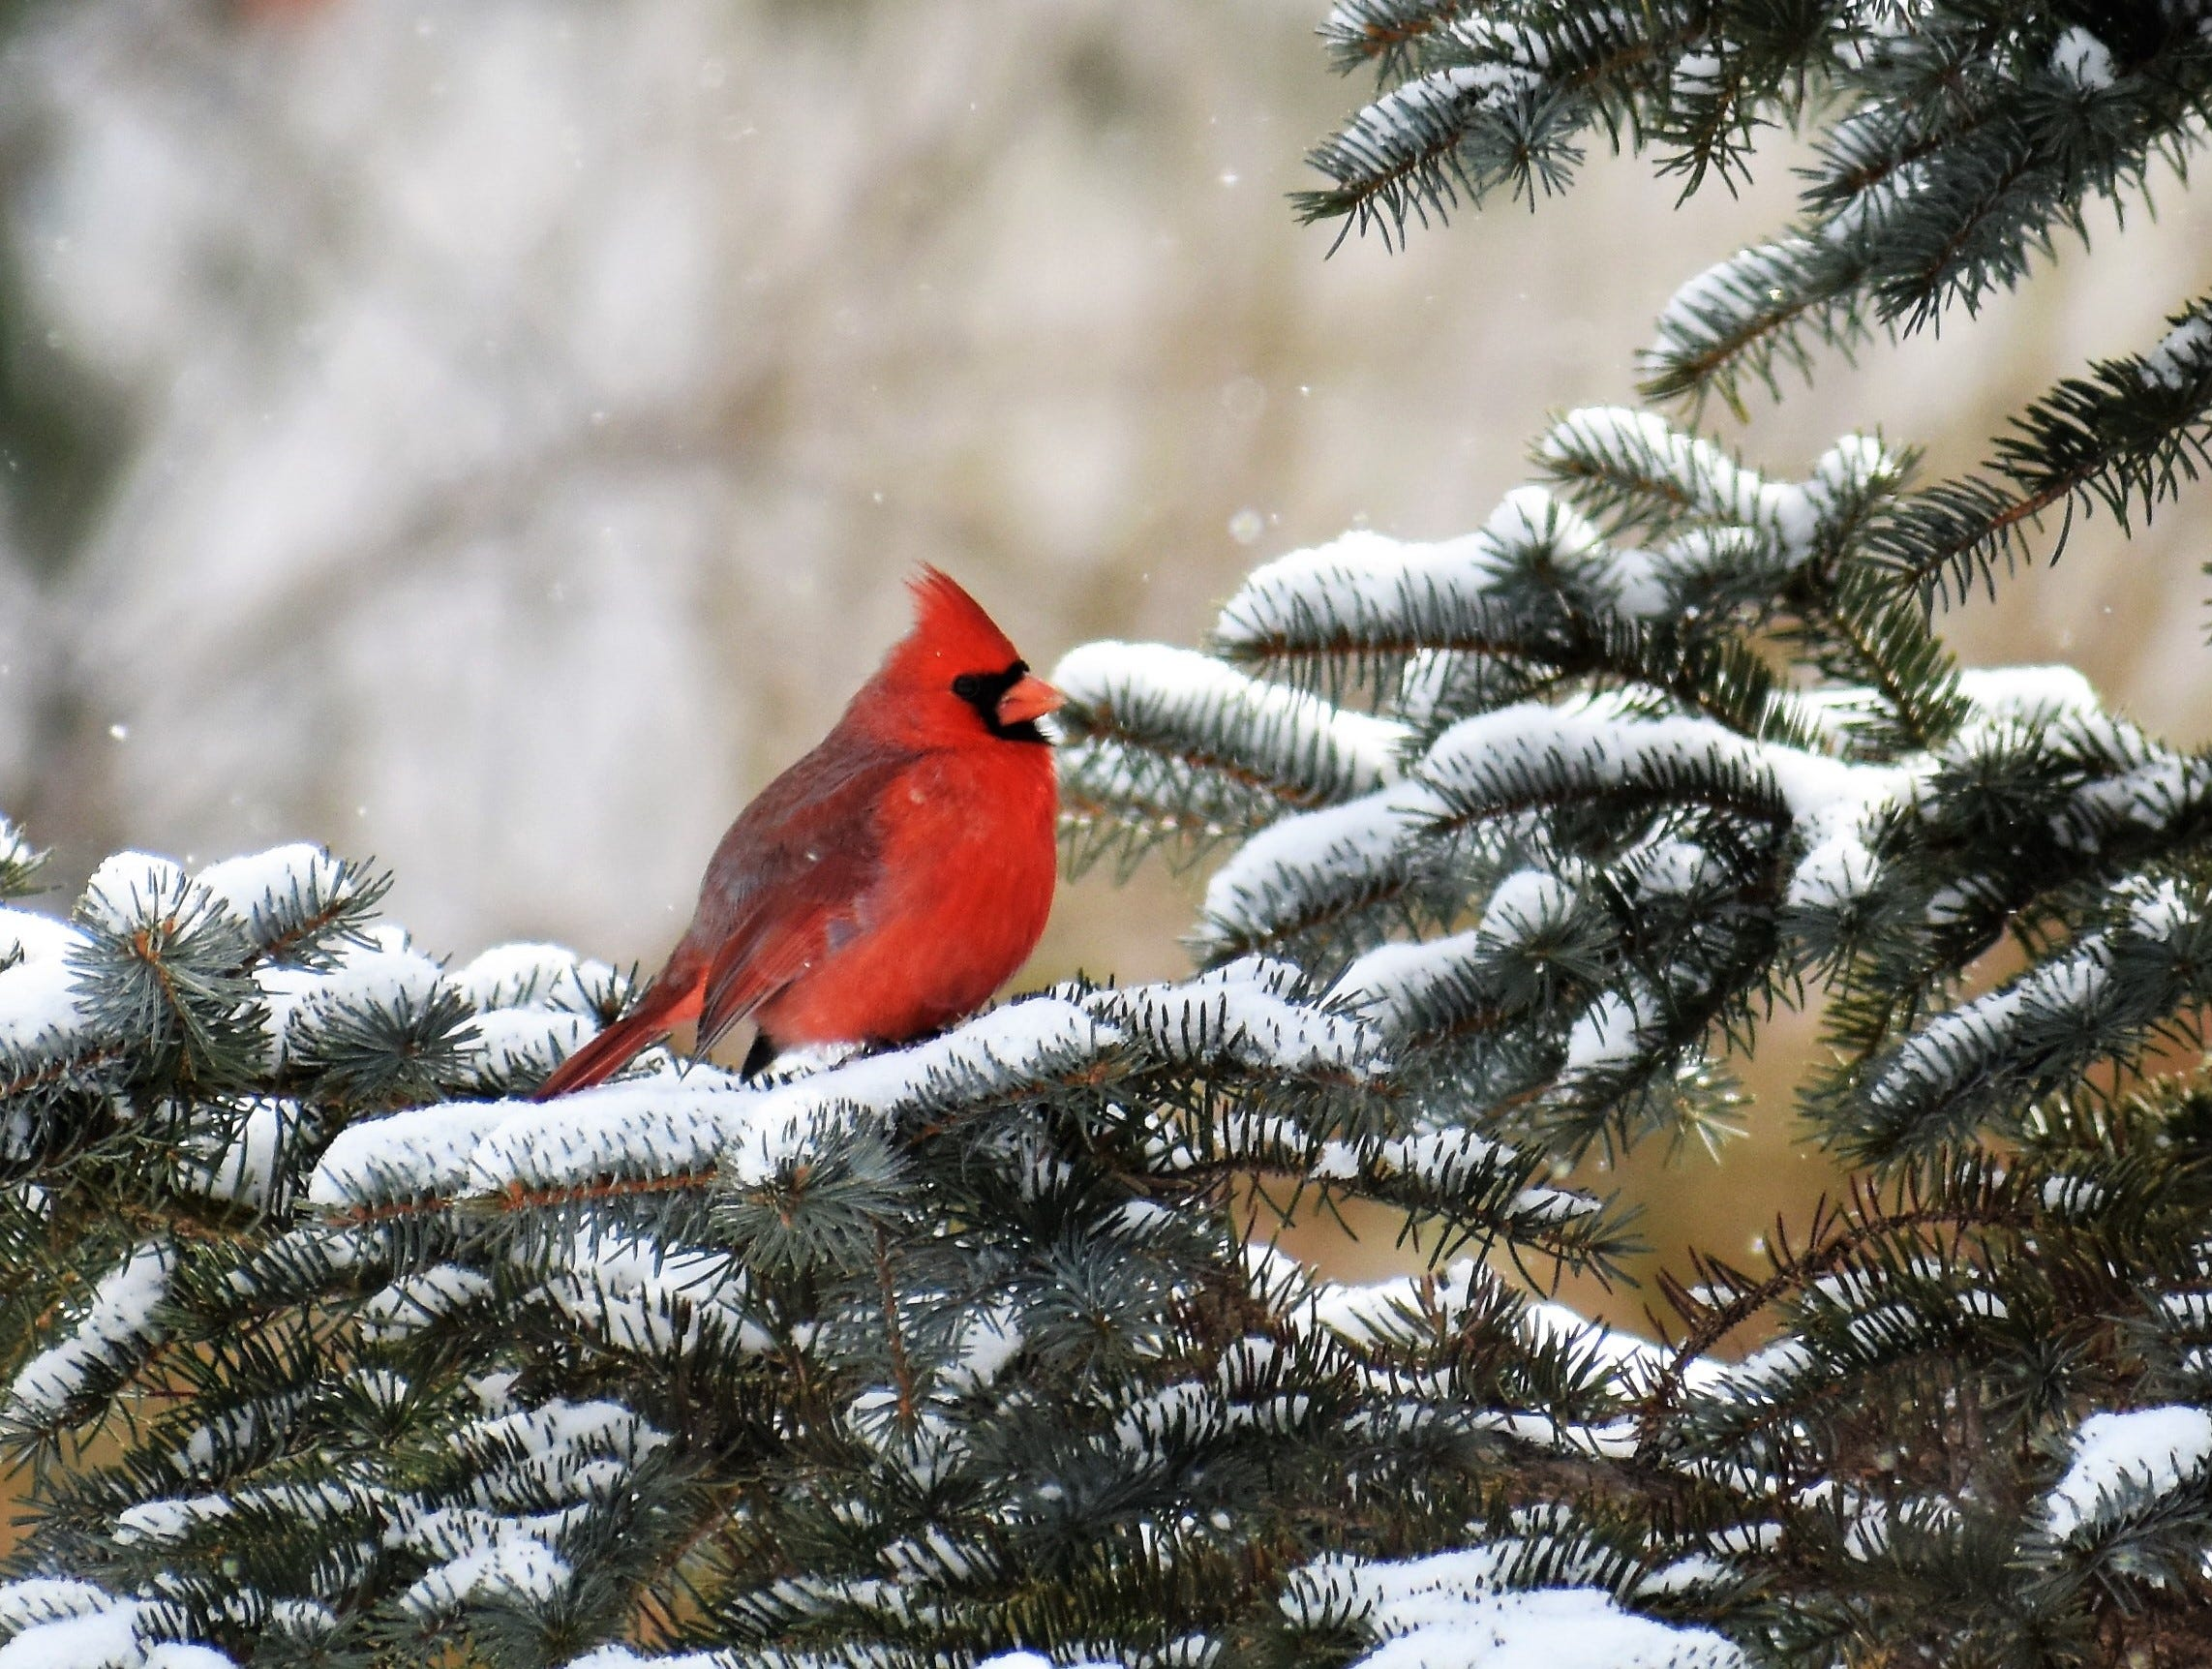 A cardinal in Owego.